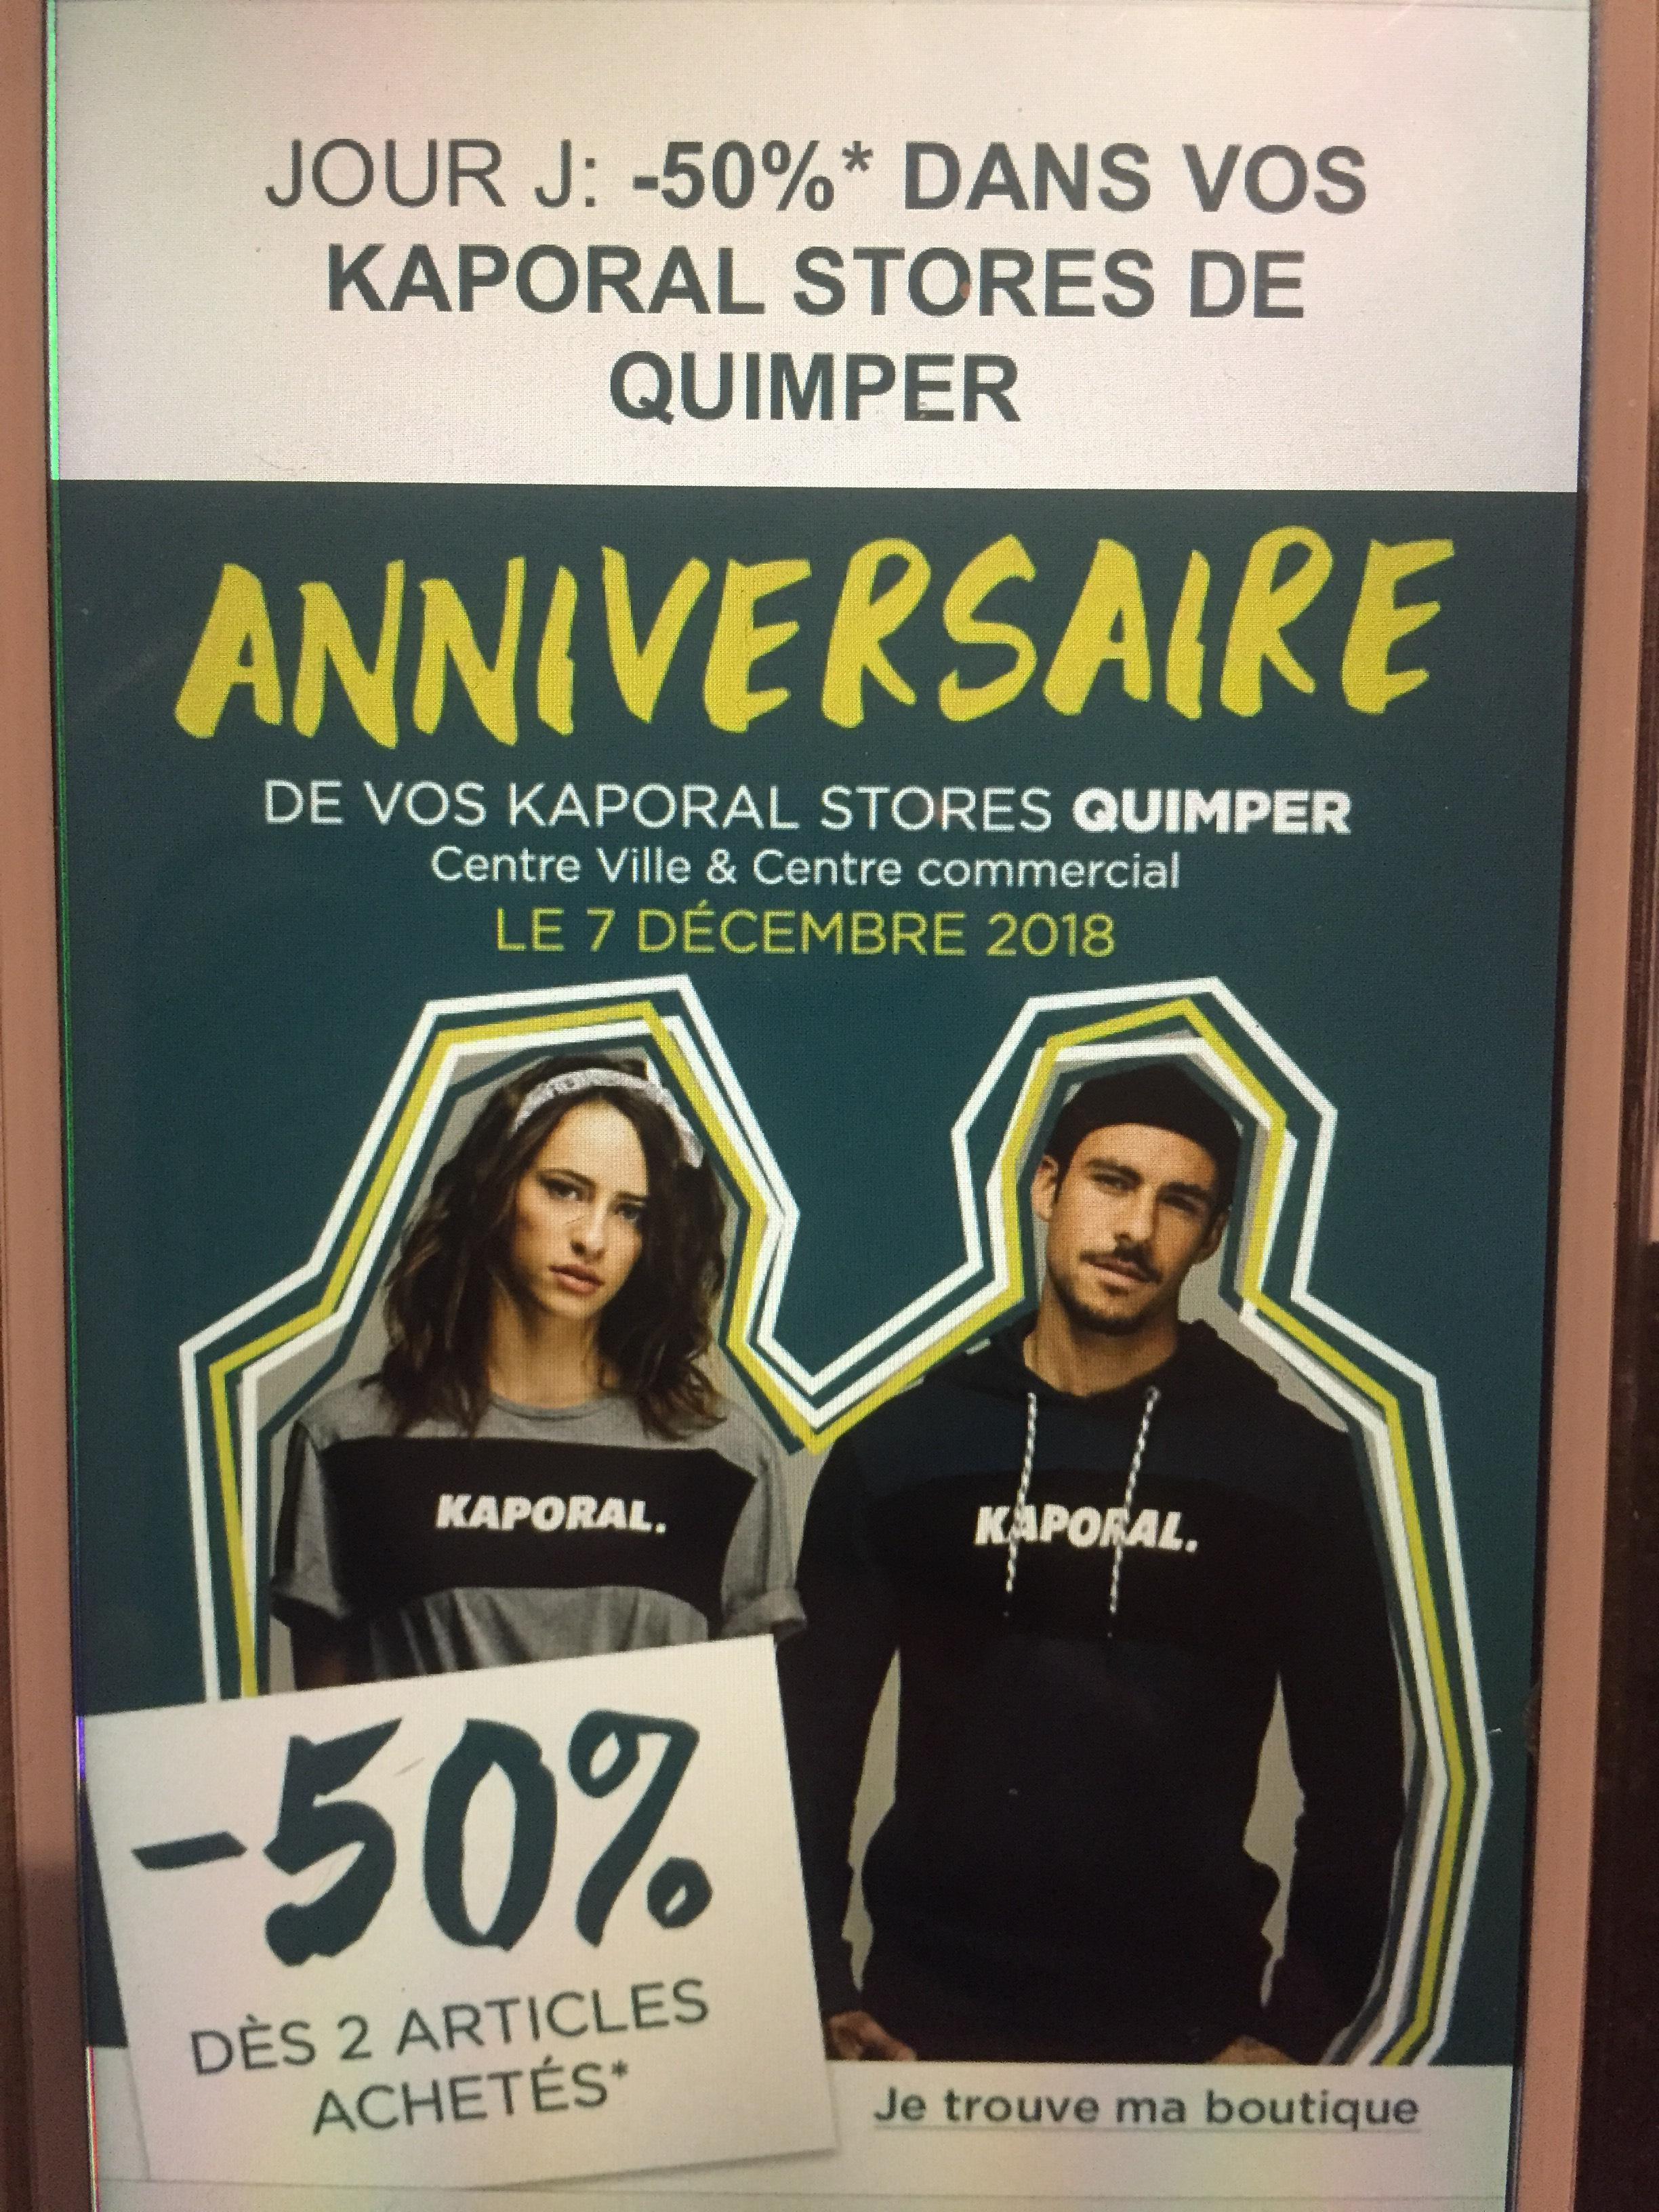 50% de réduction dès 2 articles achetés - Quimper (29)